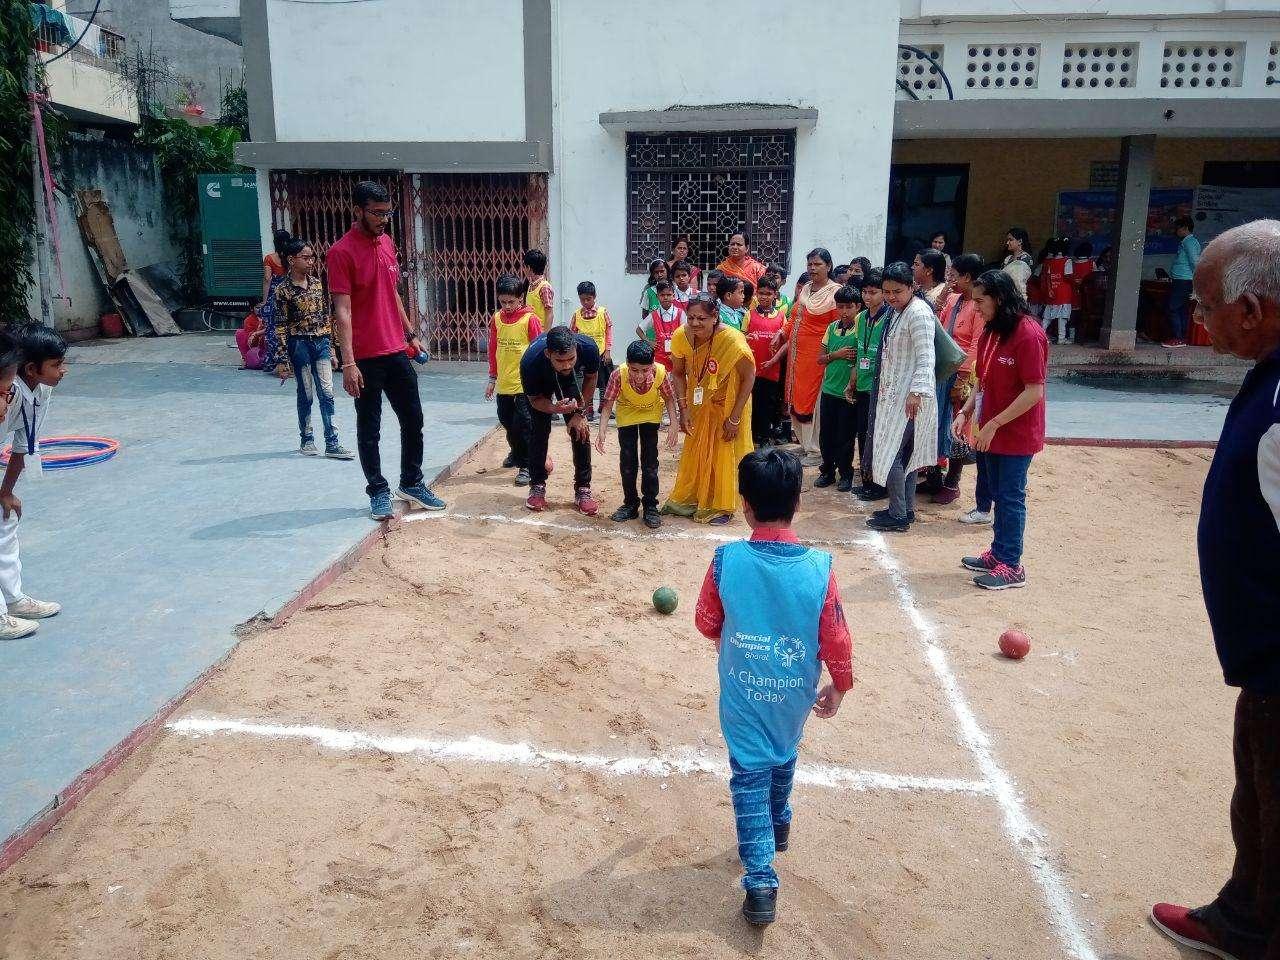 स्पेशल बच्चों के ओलंपिक में तारे उतरे ज़मी पर, बच्चों ने स्पोर्ट्स में दिखाया हुनर